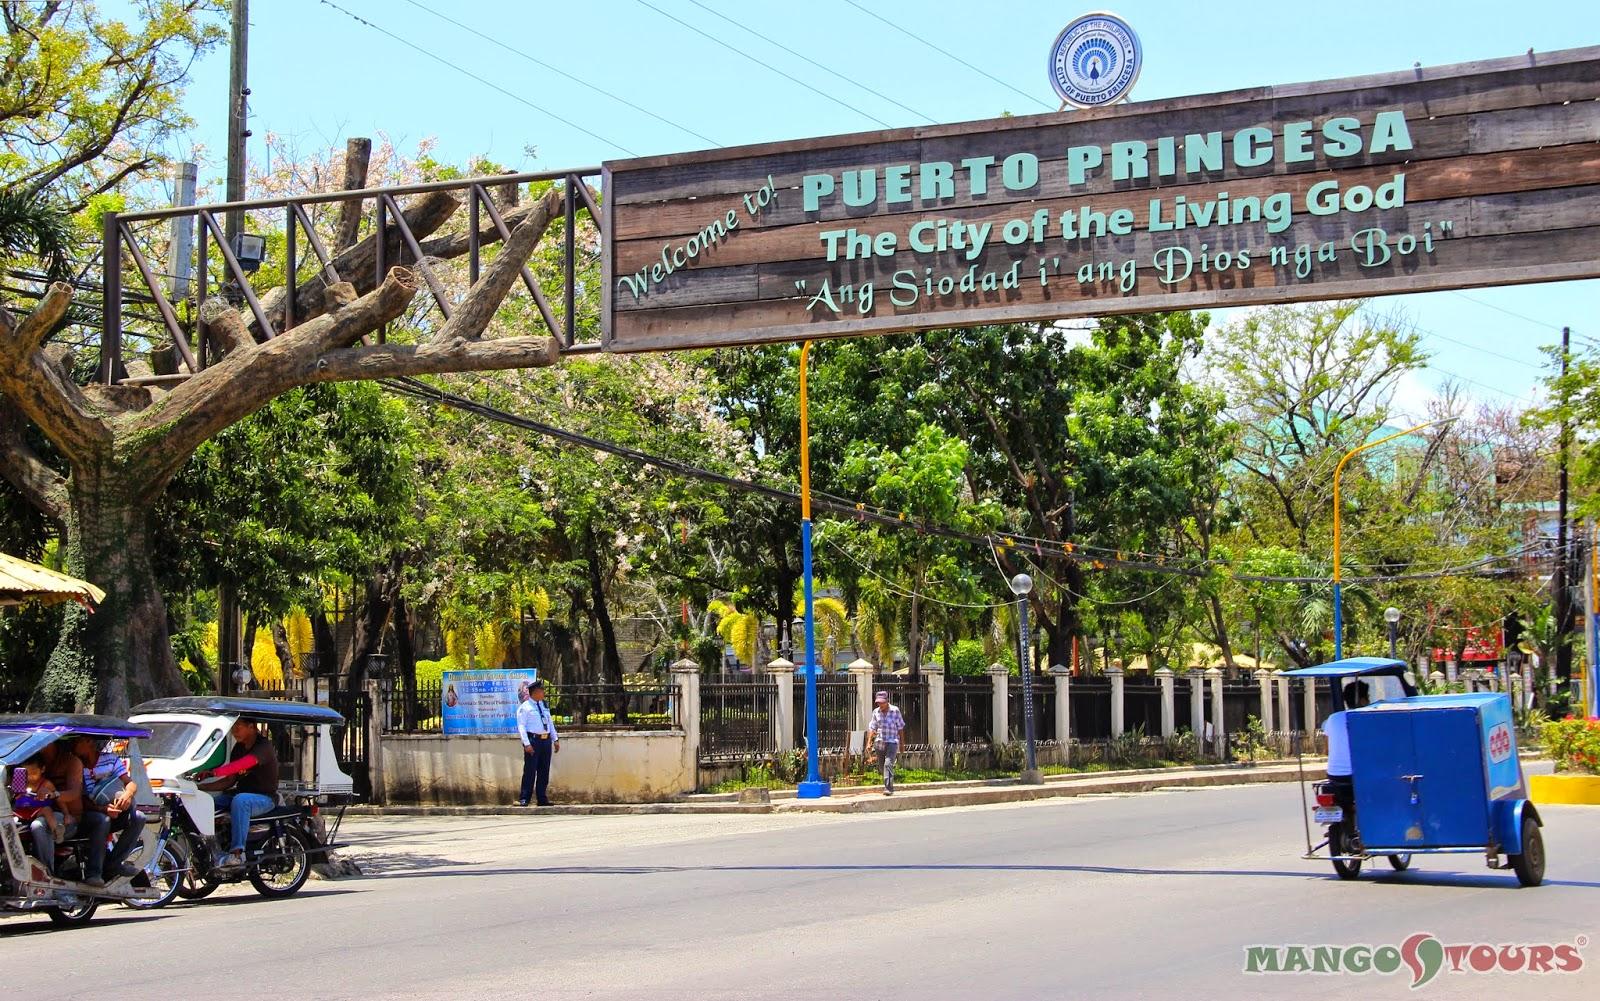 Mango Tours Puerto Princesa Palawan City